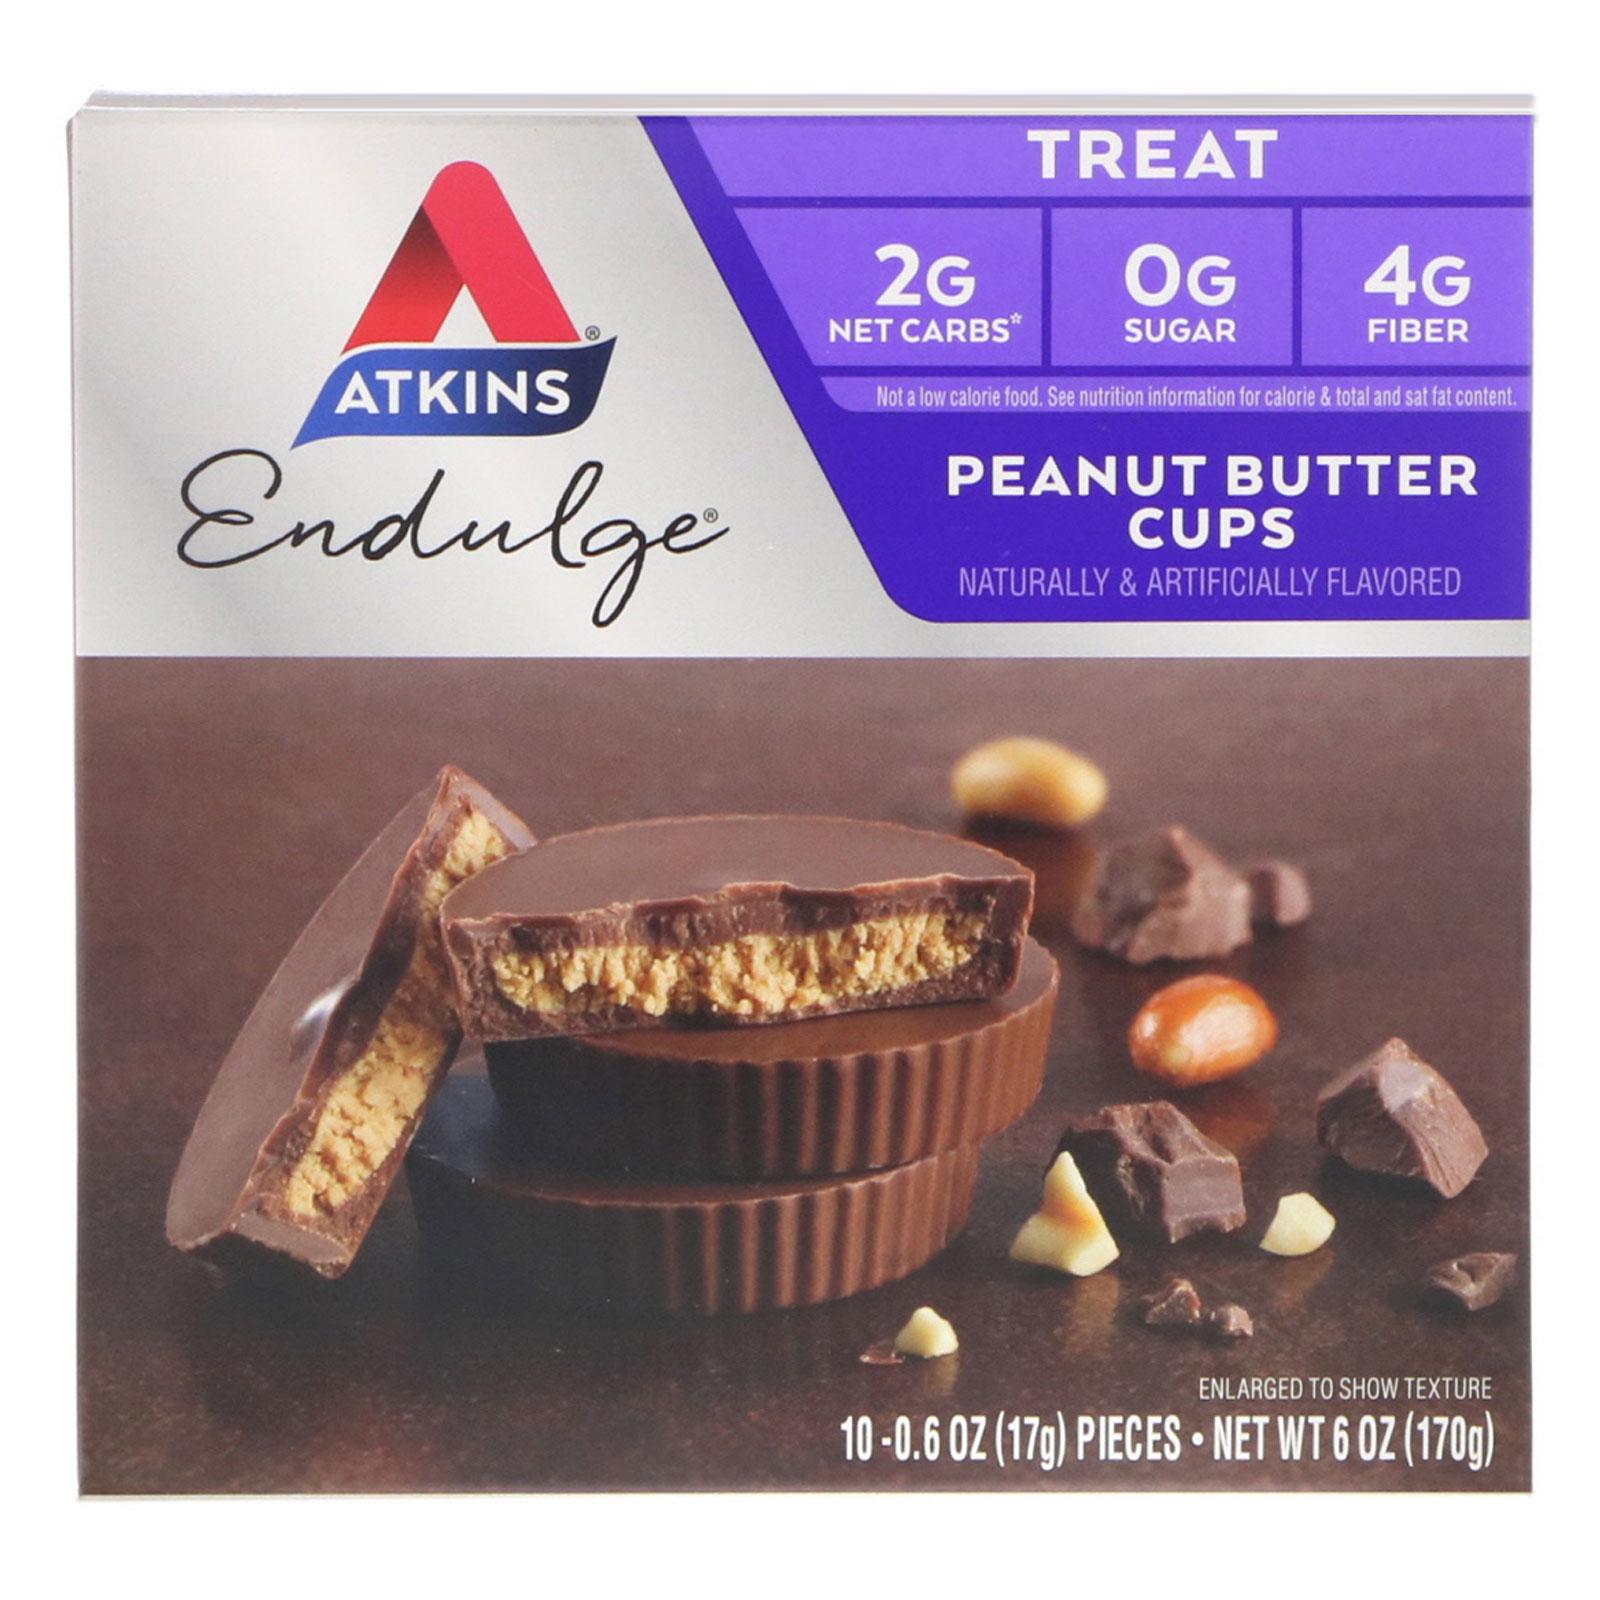 Atkins, オーガニック・ピーナッツバターカップ, ミルクチョコレート, 10 個, 各 0.5 オンス (15 g)